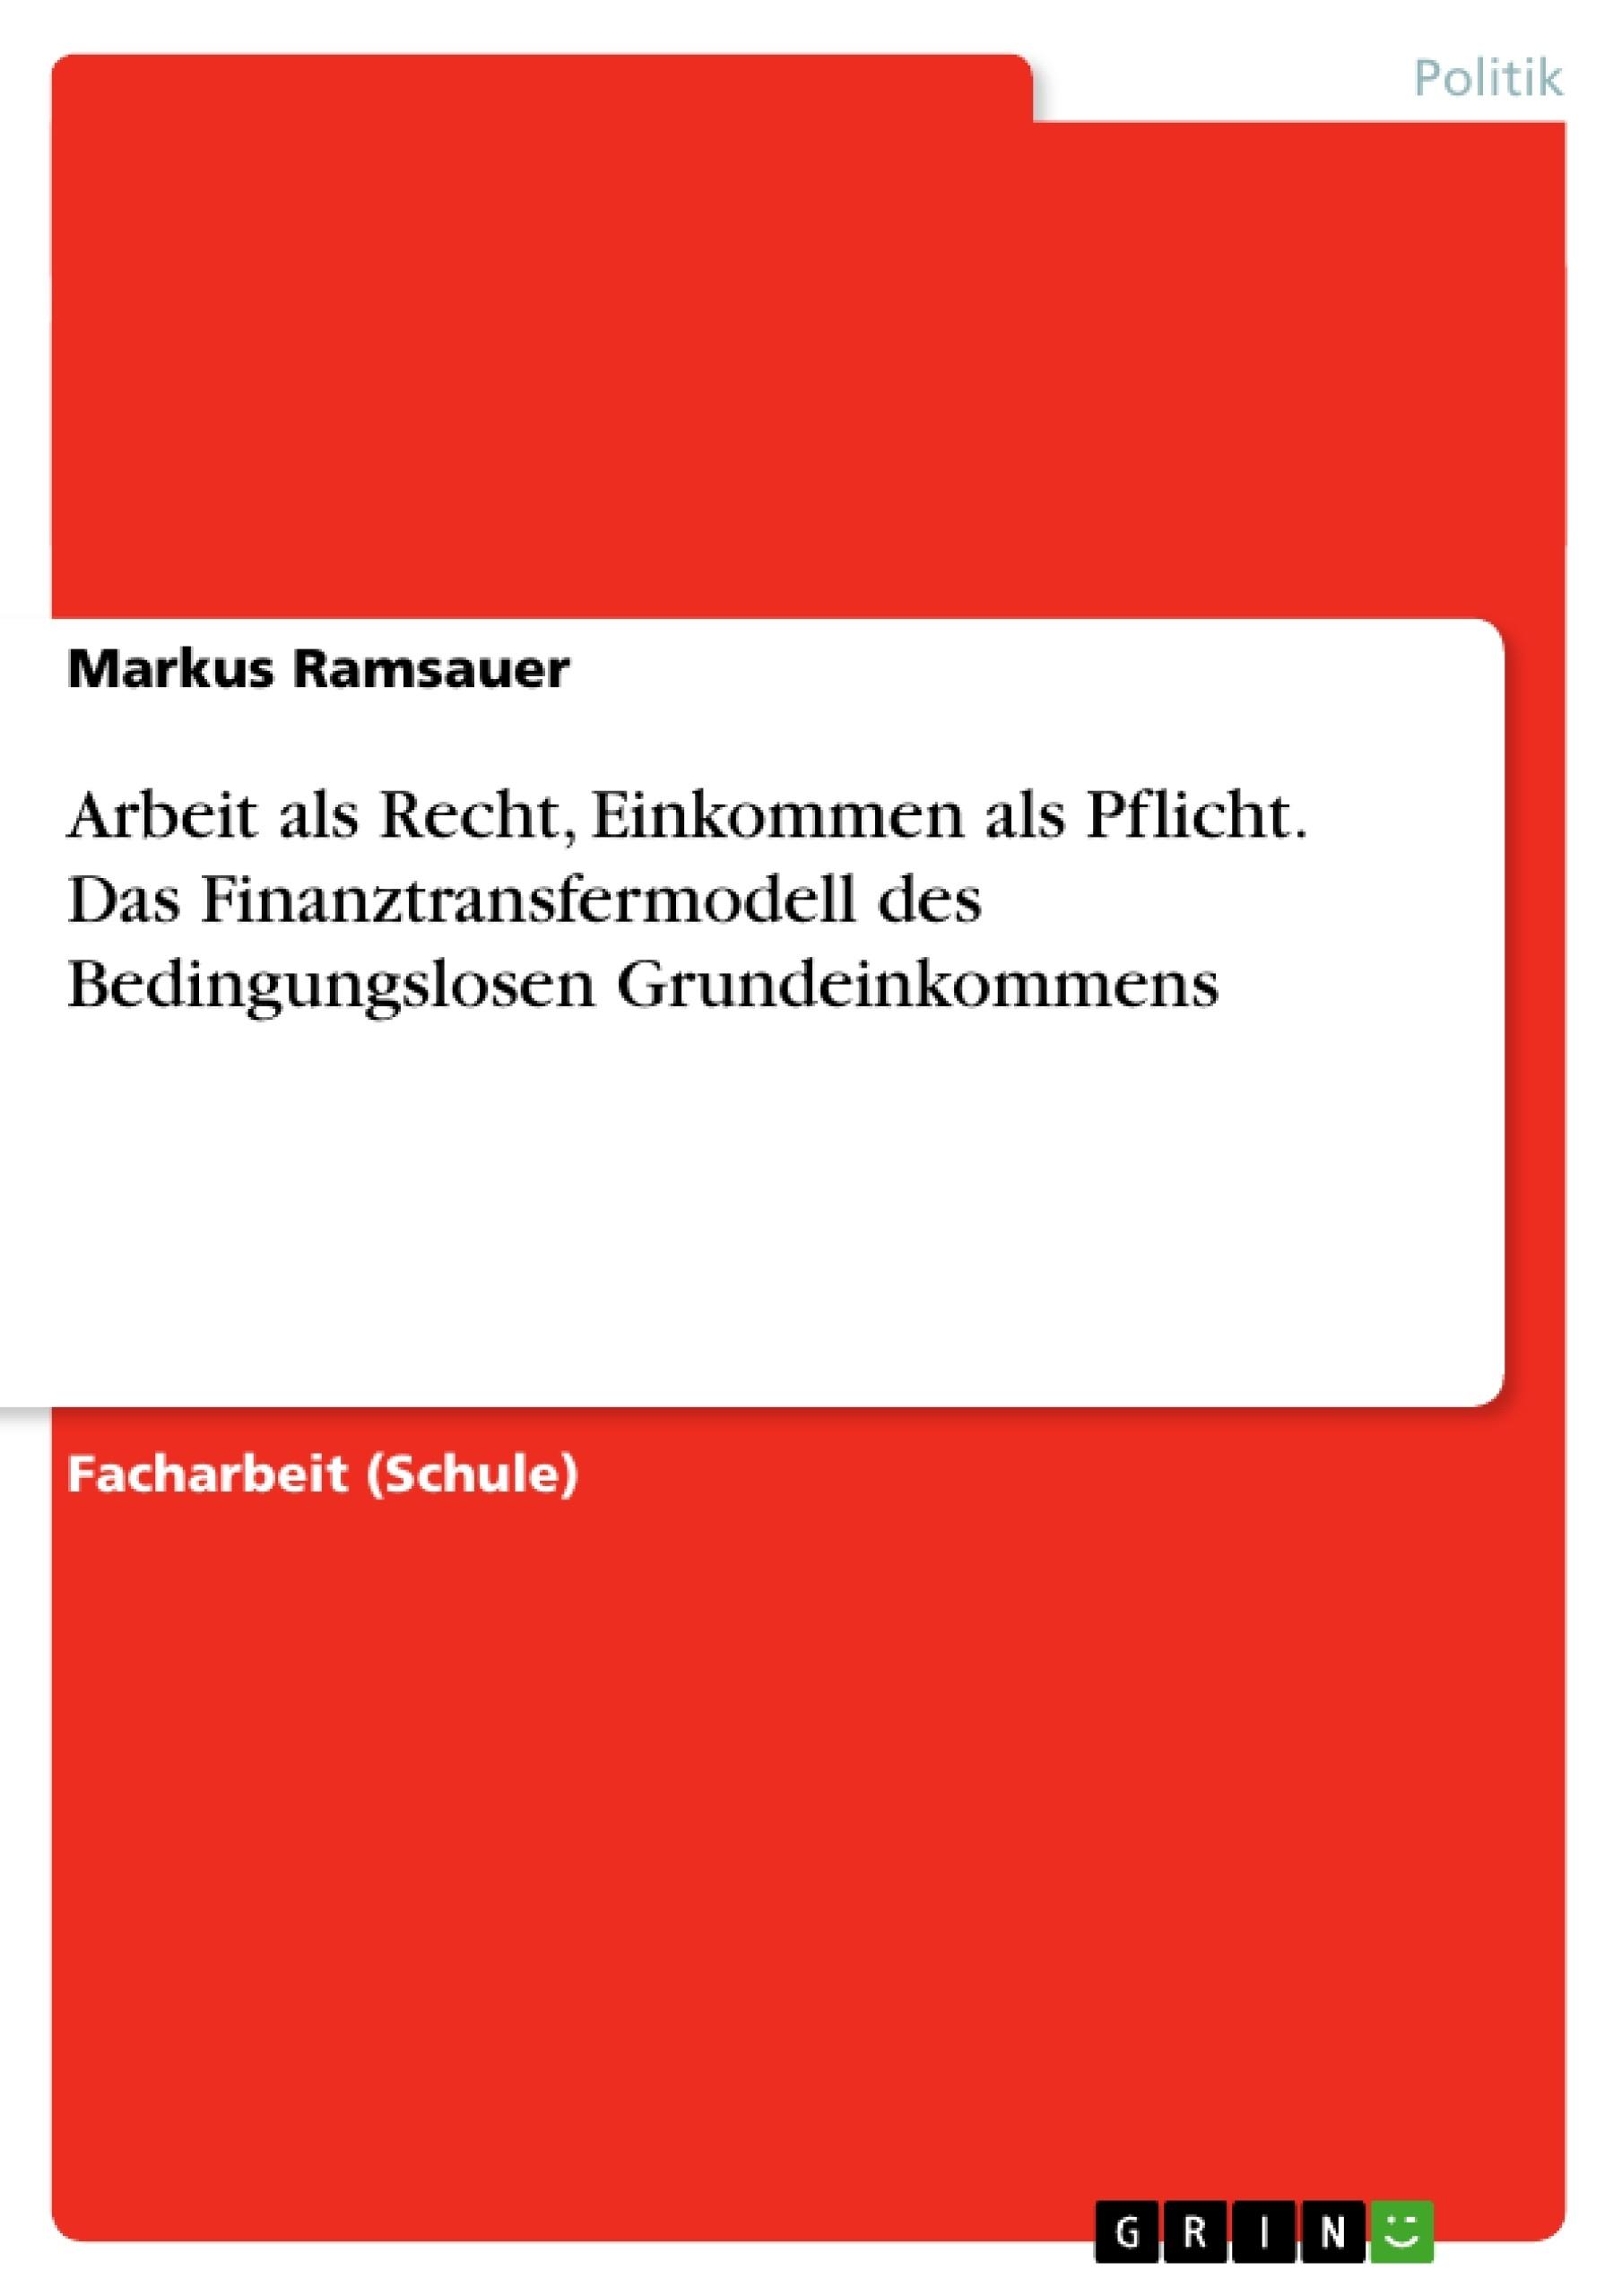 Titel: Arbeit als Recht, Einkommen als Pflicht. Das Finanztransfermodell des Bedingungslosen Grundeinkommens